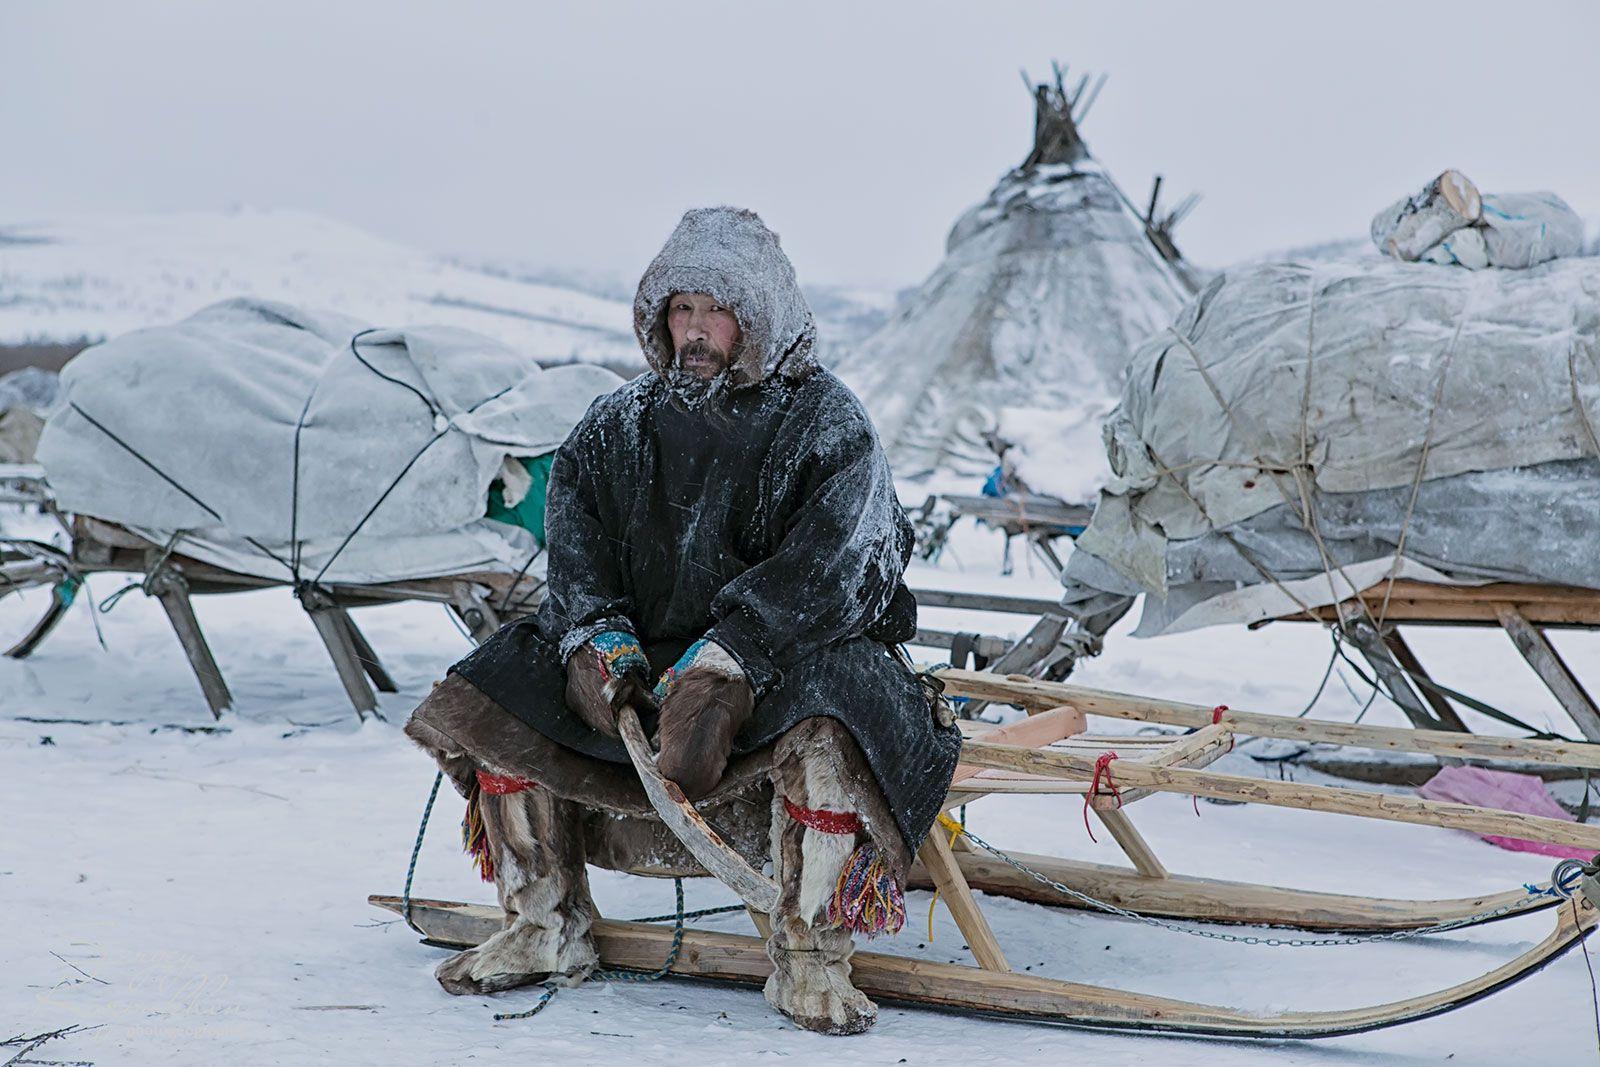 ямал, полярный урал, олени, оленеводы, ненцы, Сергей Карпухин